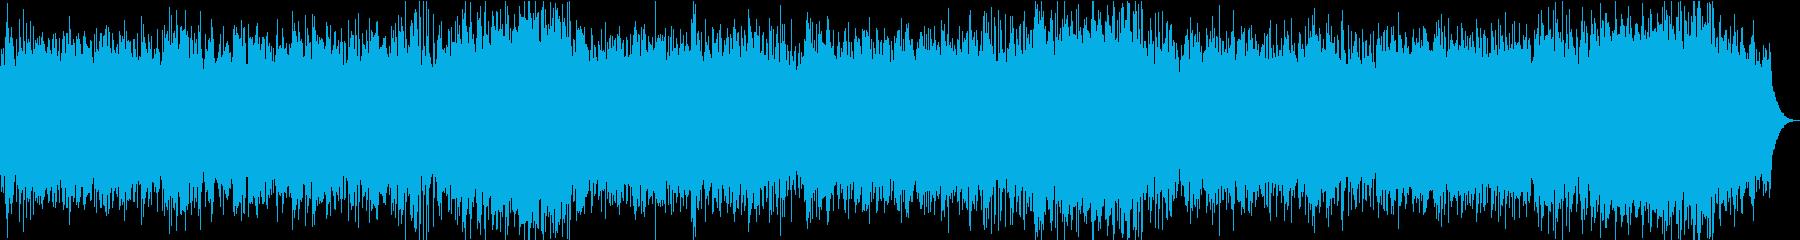 おだやかキラキラの再生済みの波形